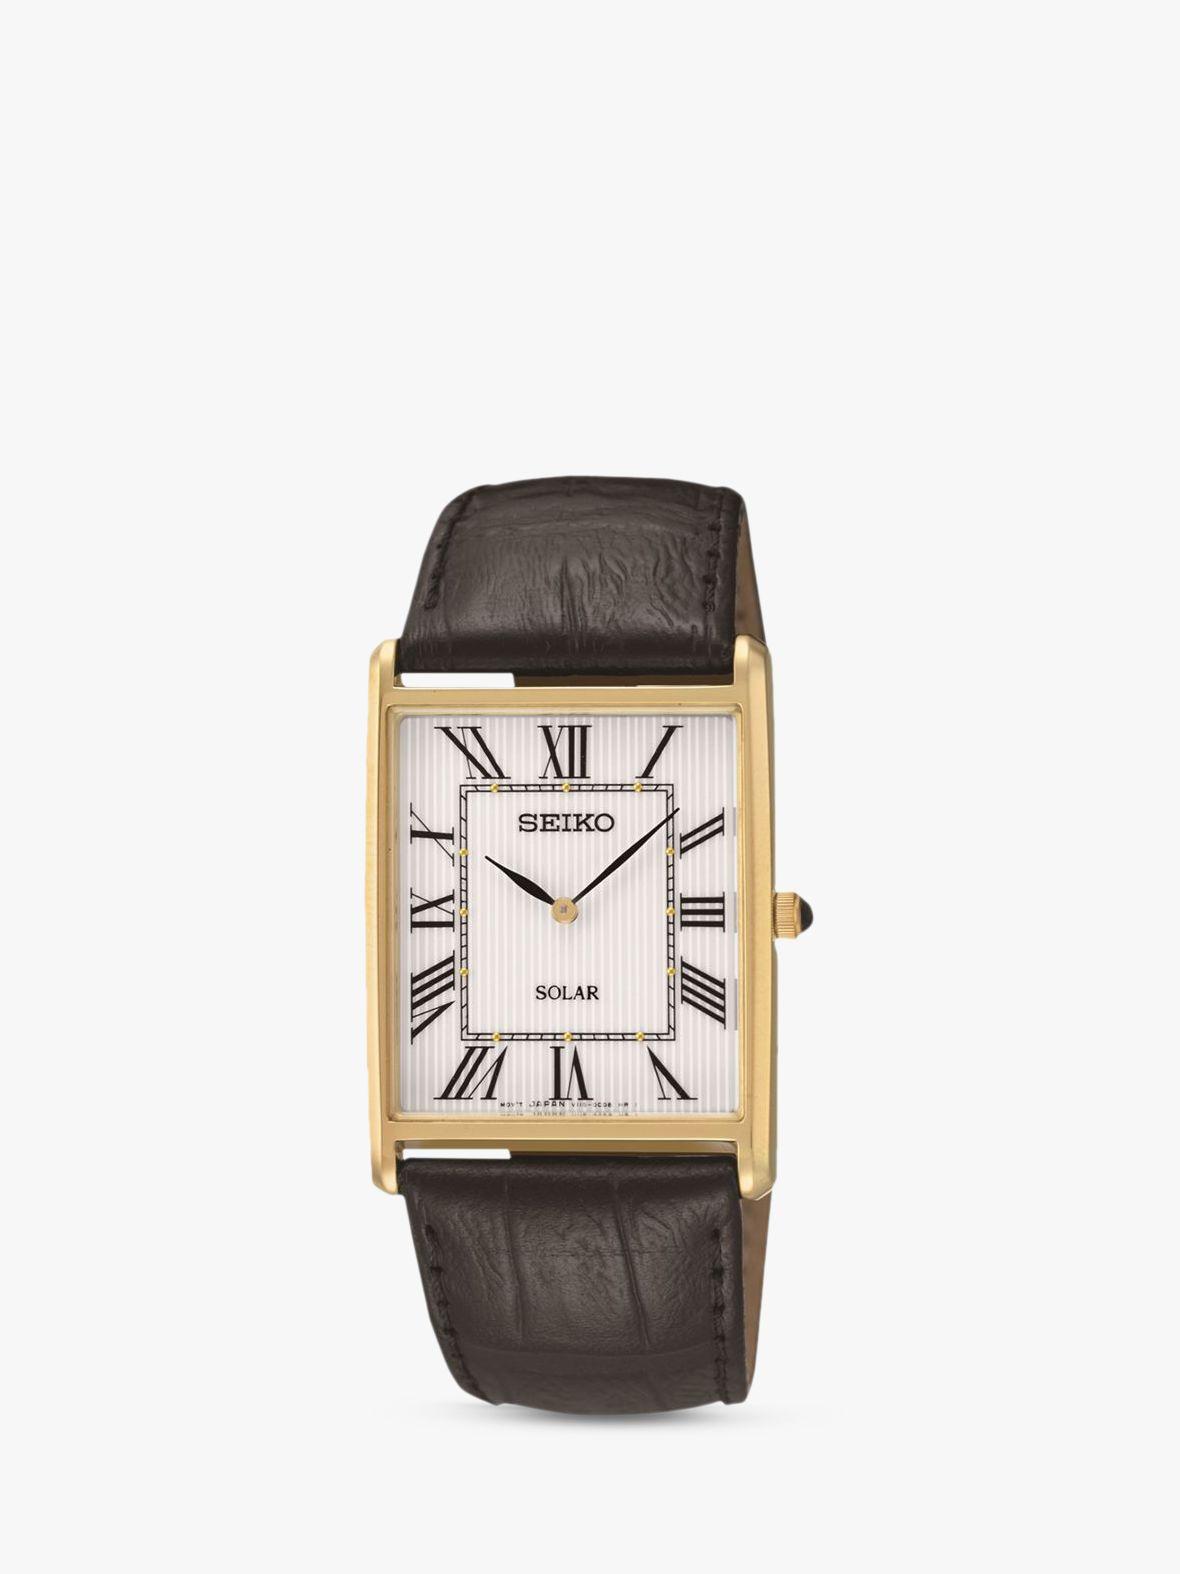 Seiko Seiko SUP880P1 Men's Solar Leather Strap Watch, Black/White